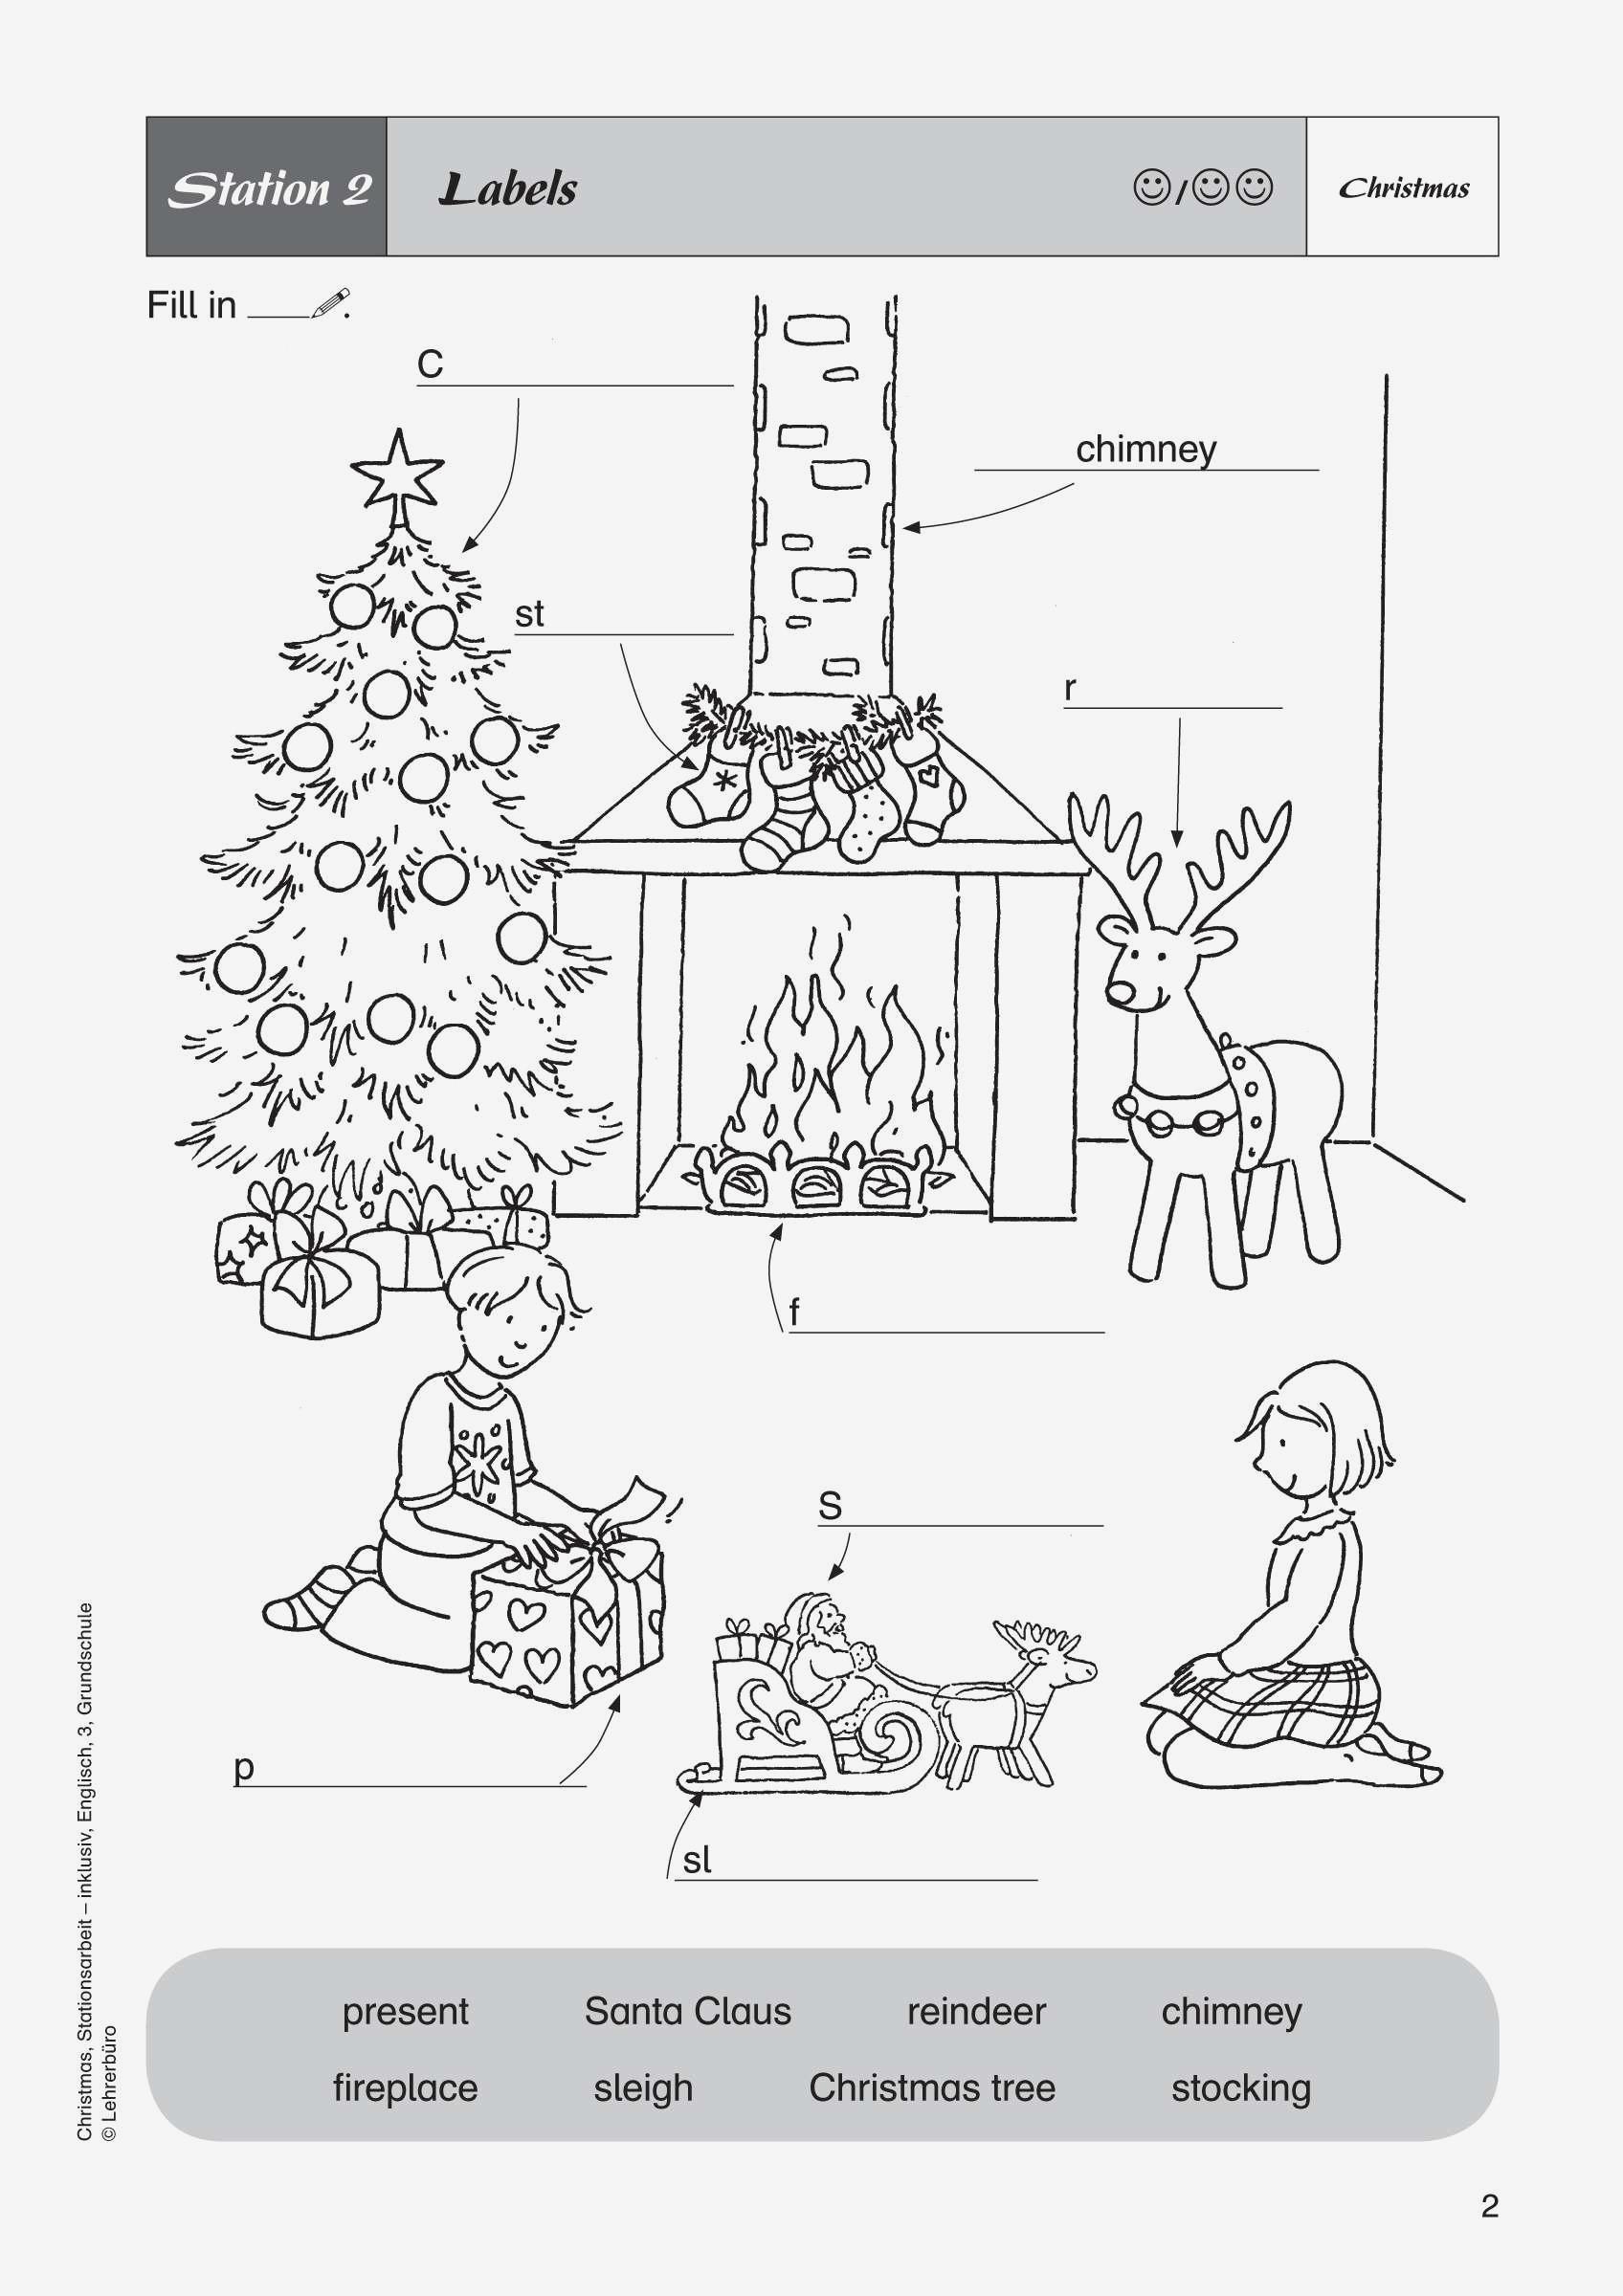 Ausmalbilder Weihnachten Schneeflocke Das Beste Von Schneeflocken Ausmalbilder Unique Uploadertalk Page 3 94 Die Das Bild